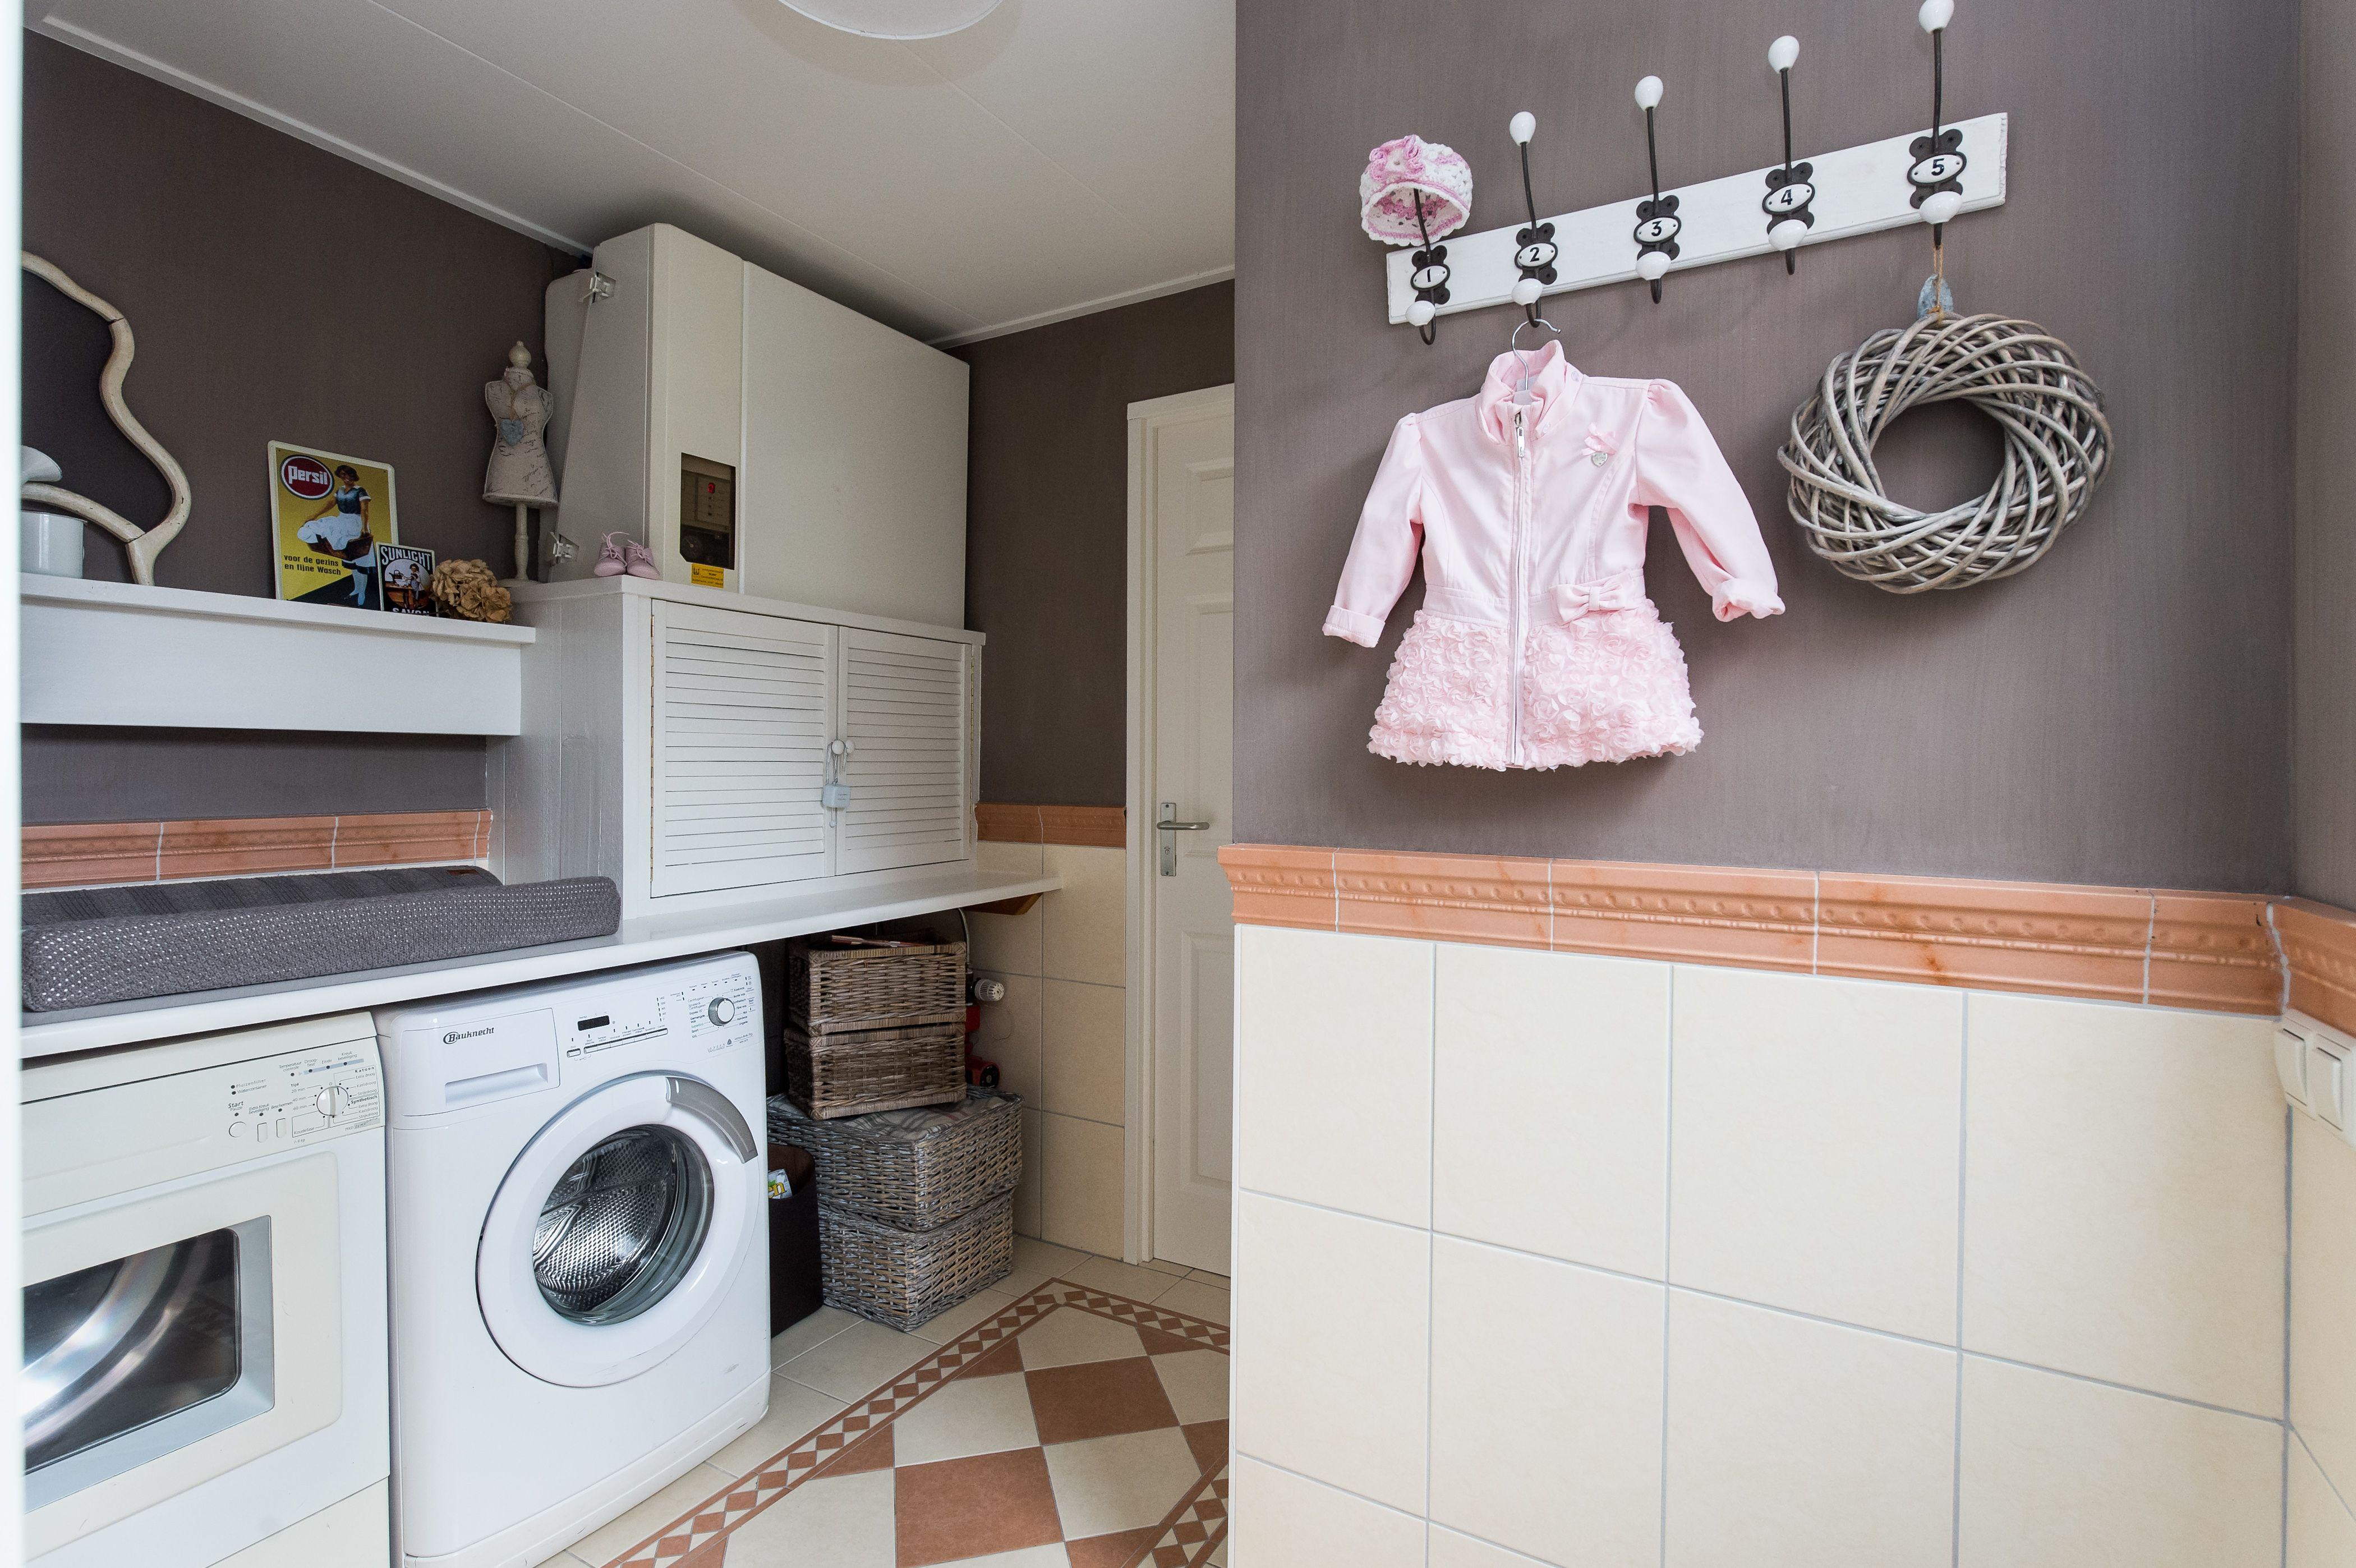 Bijkeuken met aansluiting voor wasmachine en droger kastje met